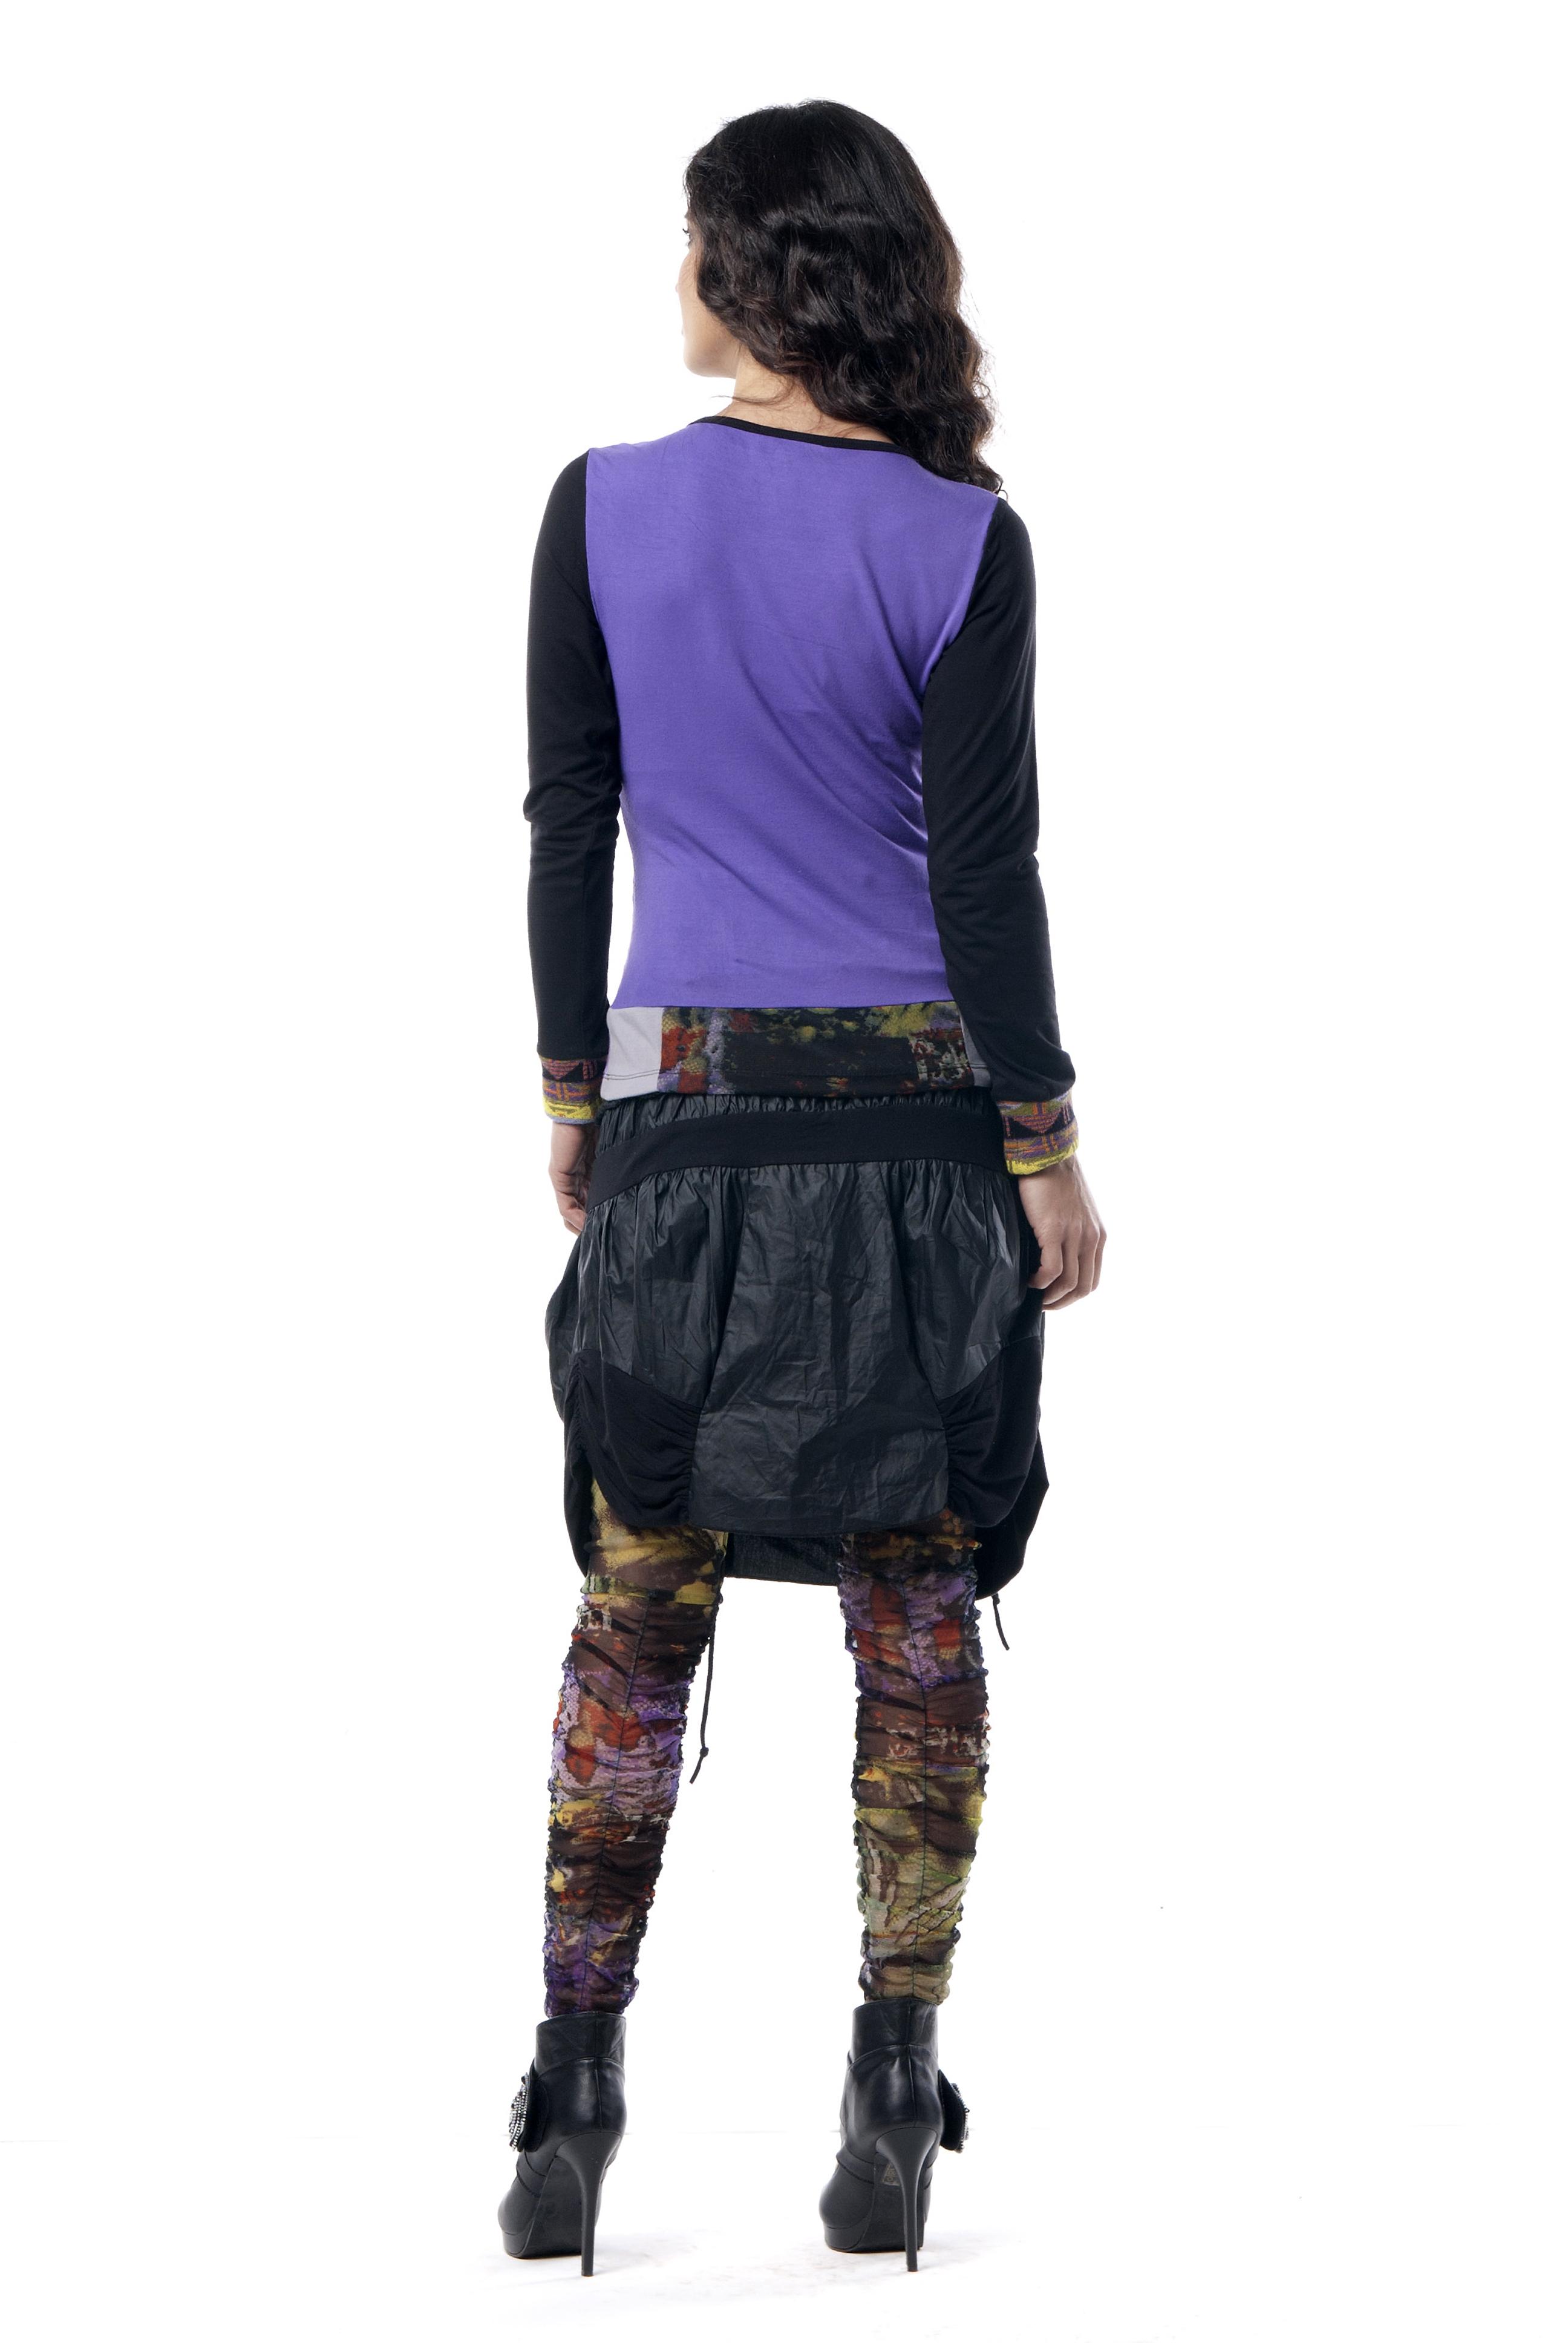 Les Fees Du Vent Couture: Legging Van Gogh (1 Left!)